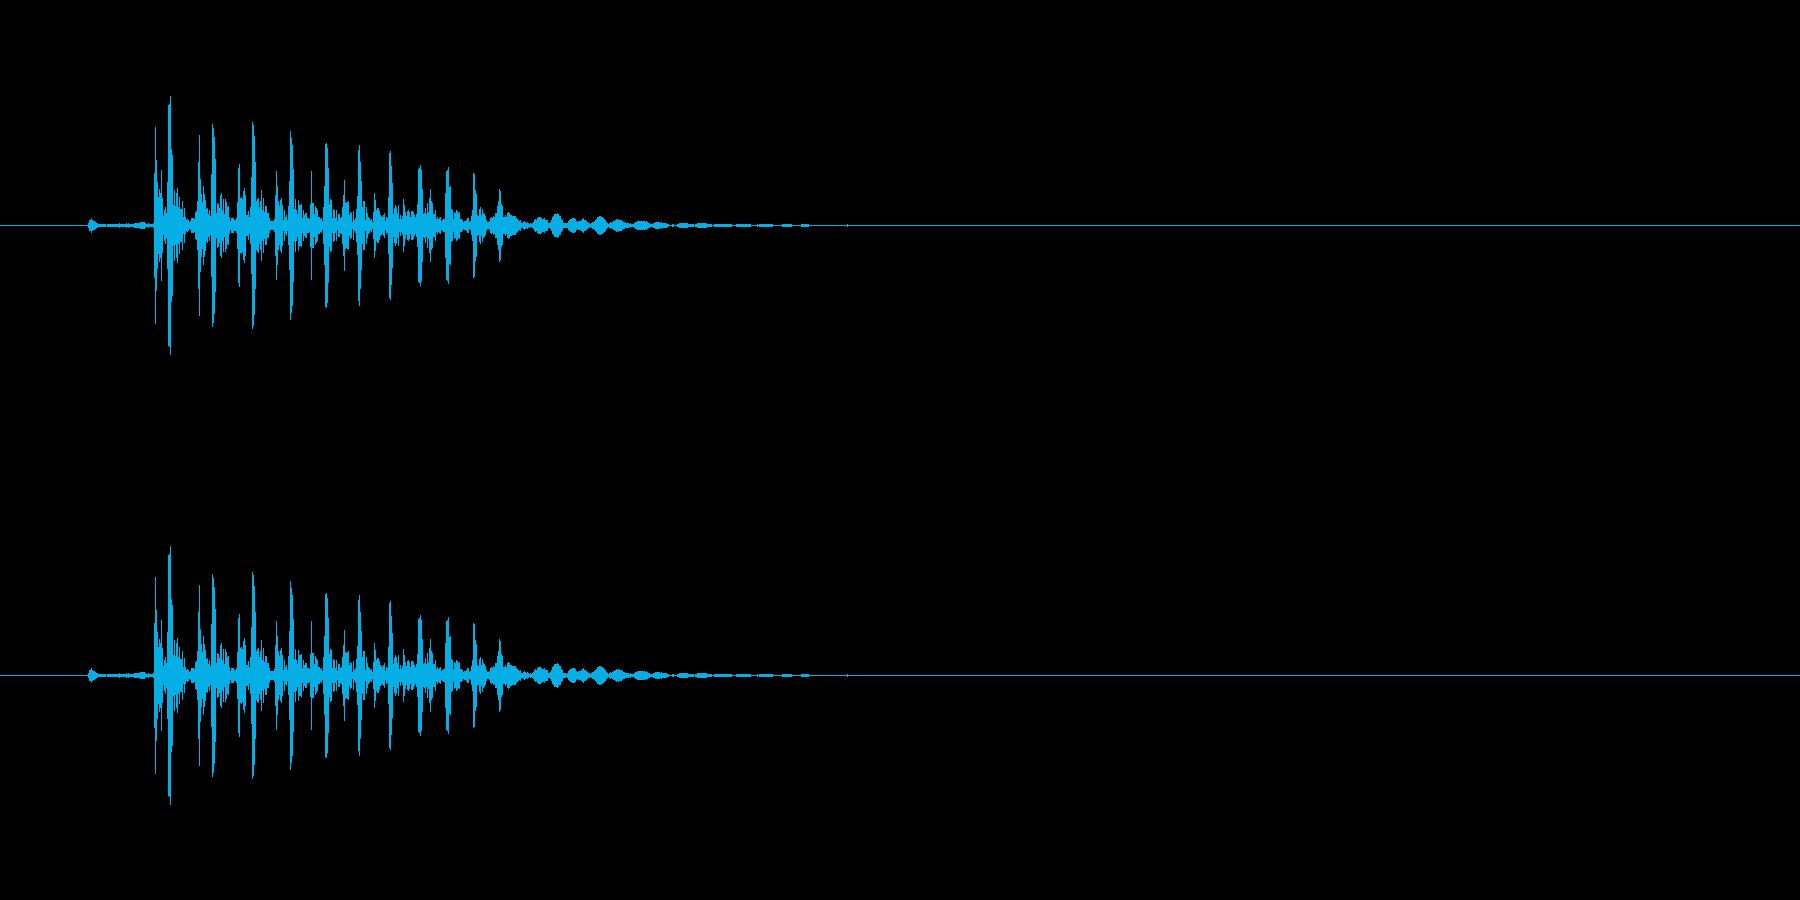 ギィッ (きしむような物音)の再生済みの波形